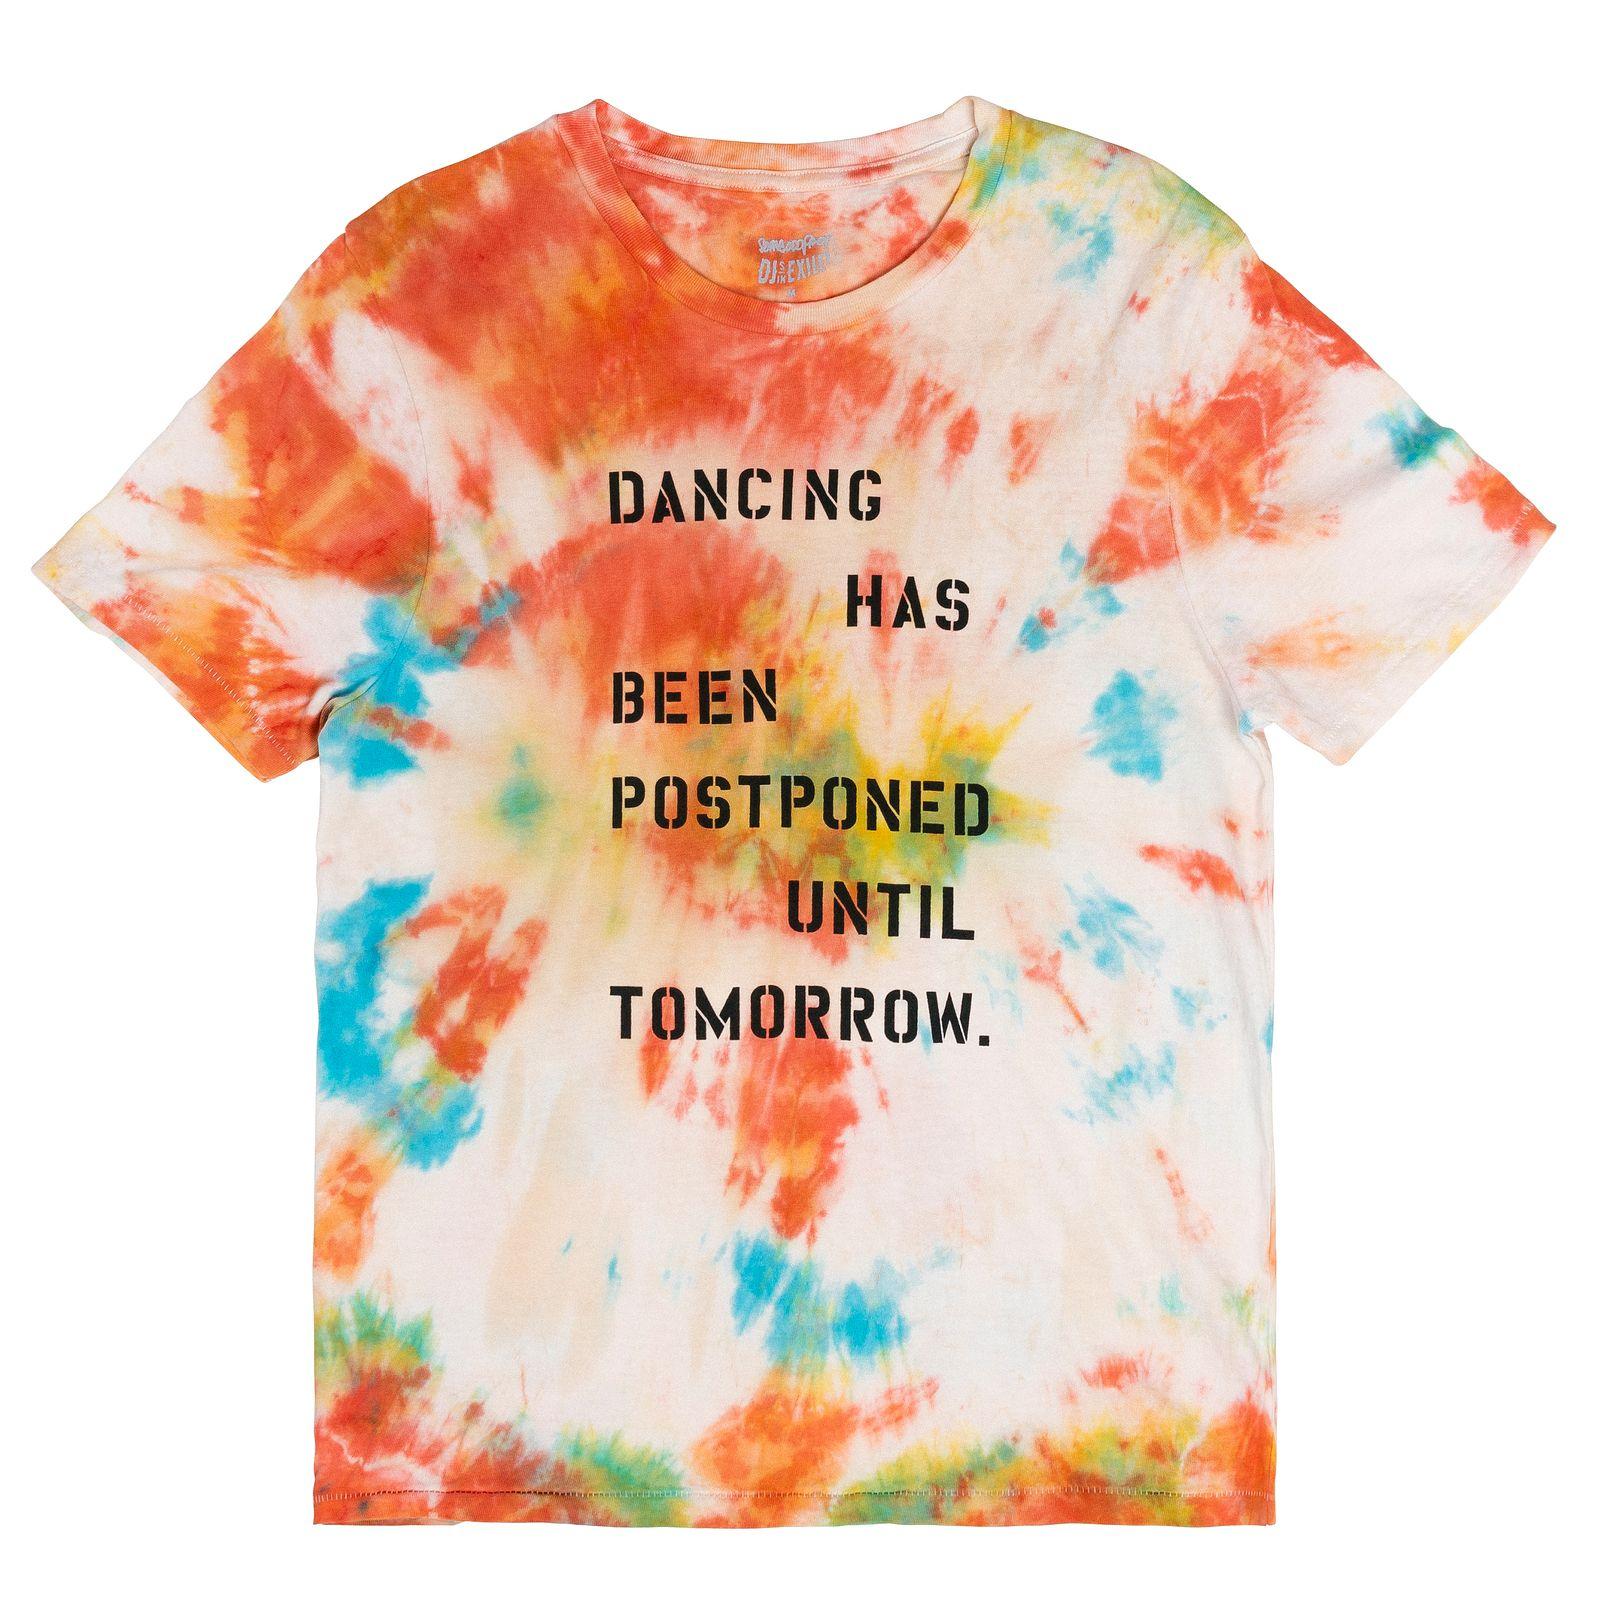 Dancing Has Been Postponed Shirt